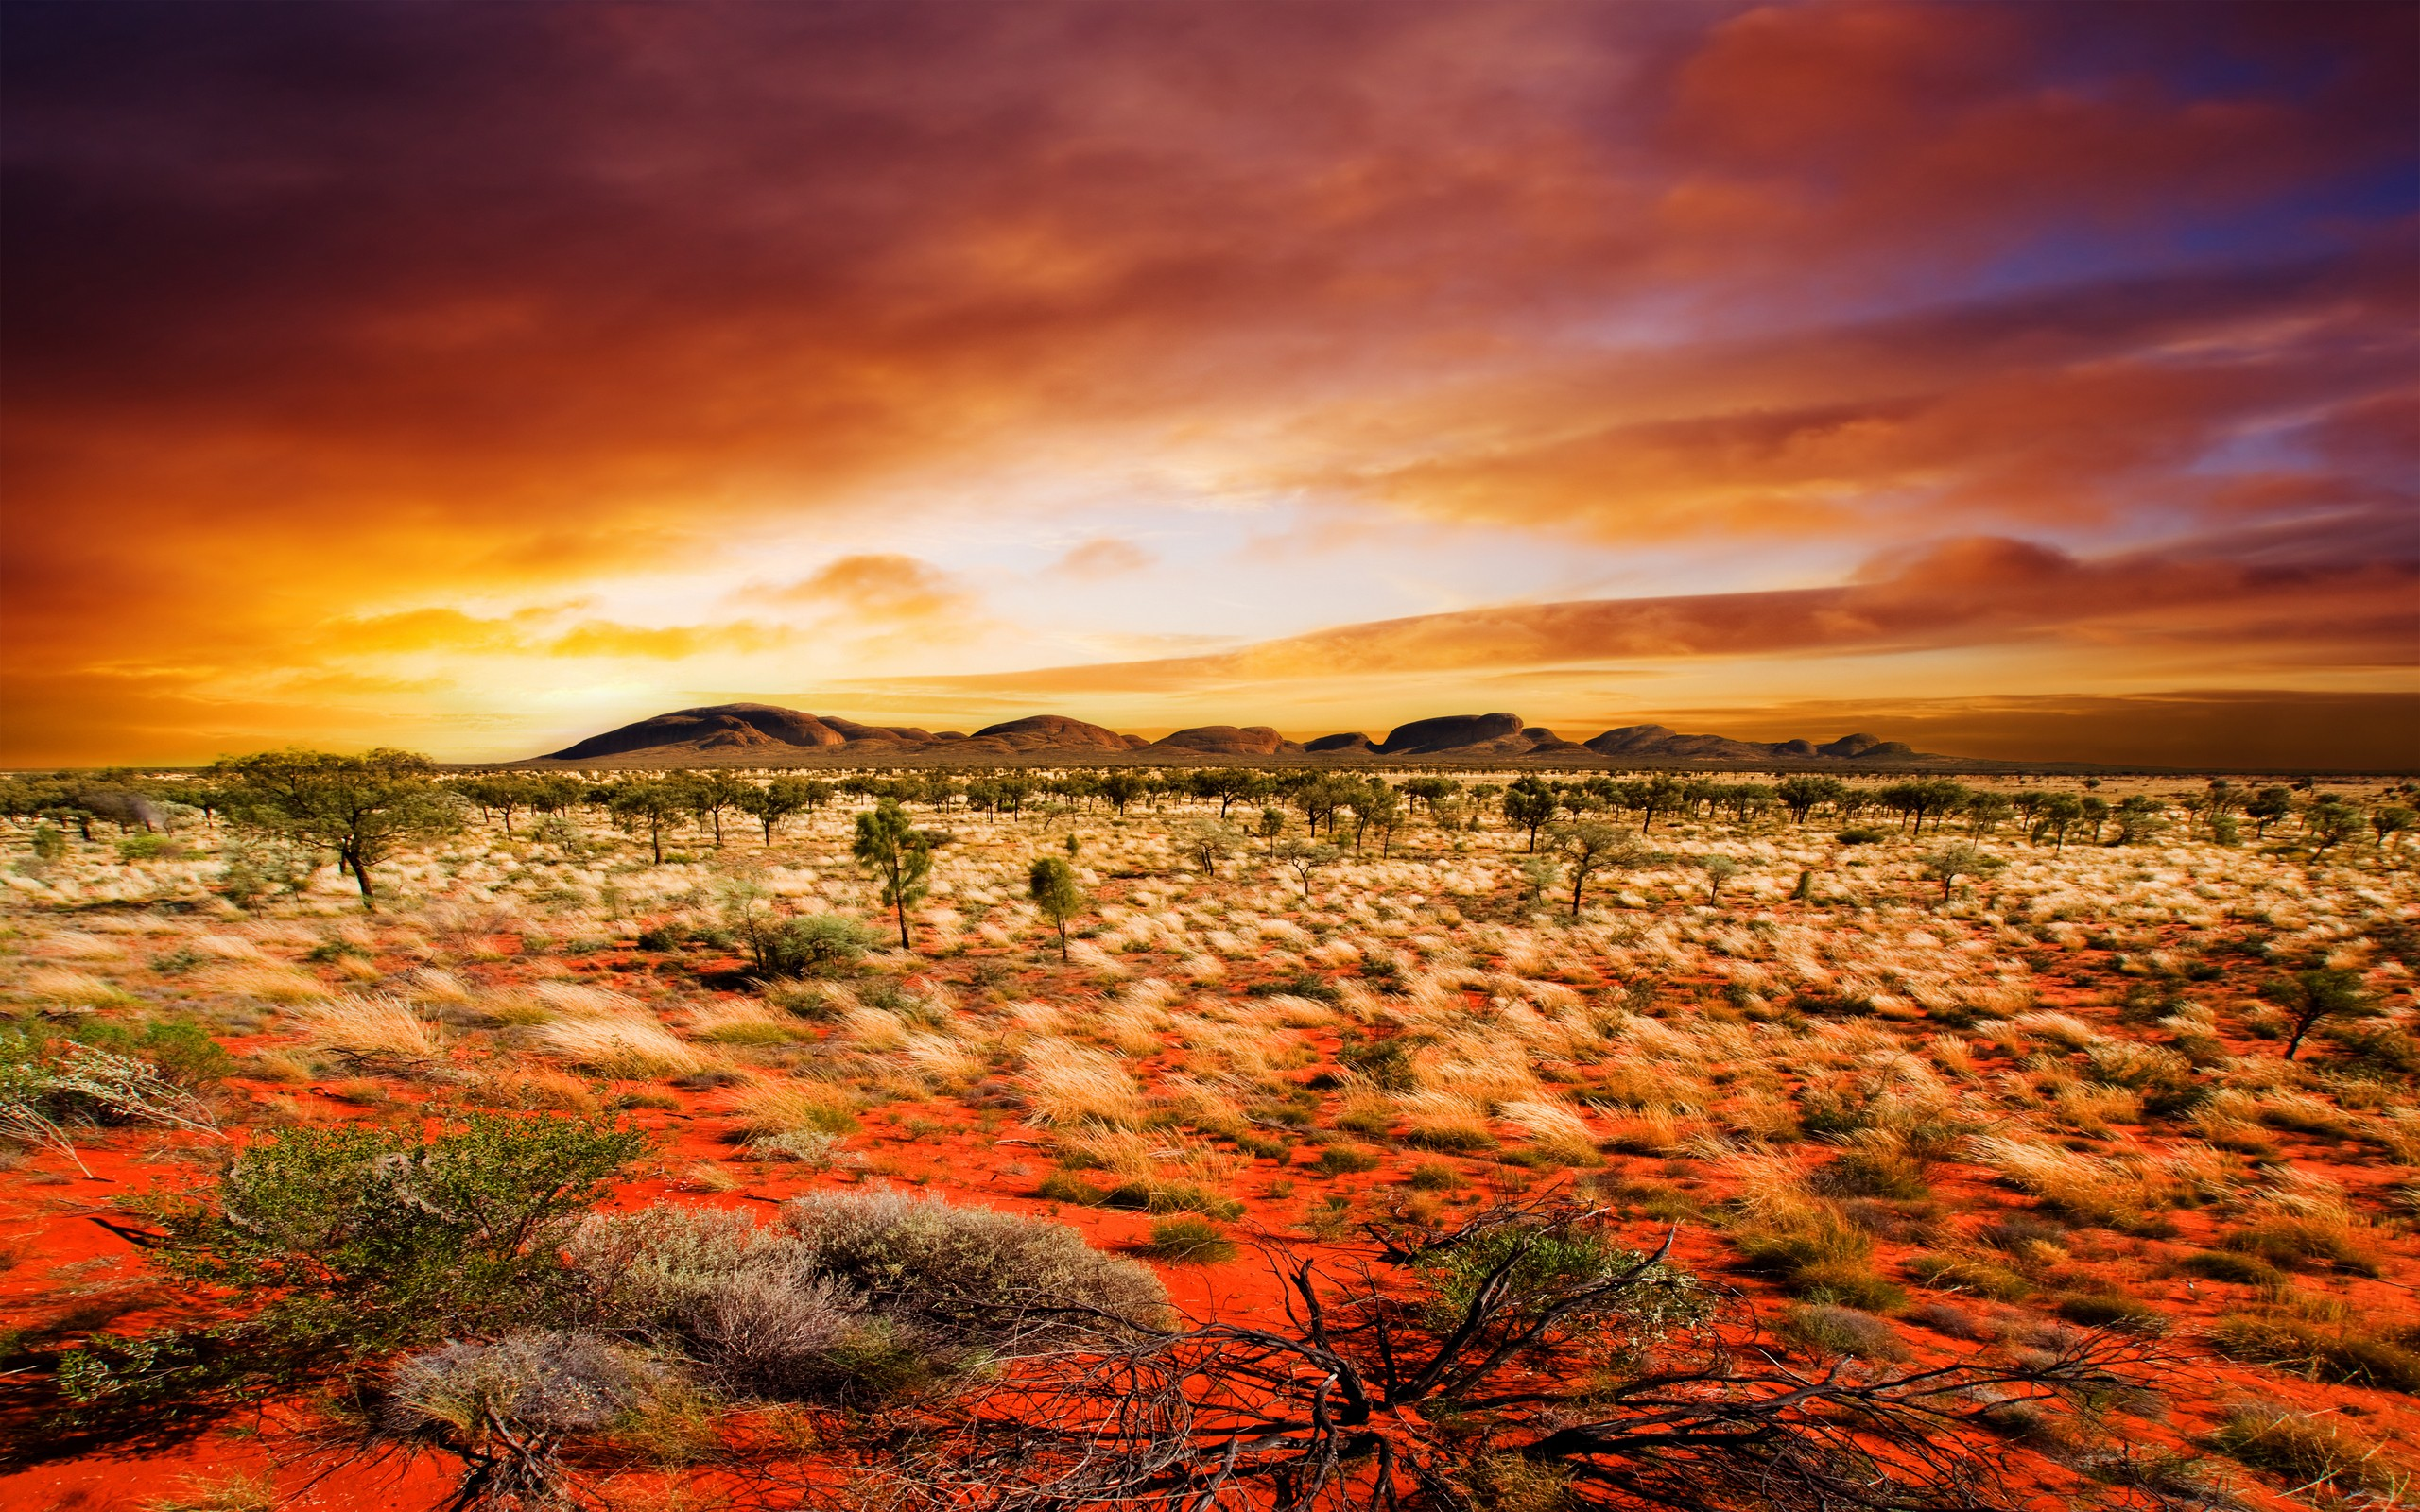 519 <b>Desert</b> HD Wallpapers | <b>Backgrounds</b> - Wallpaper Abyss